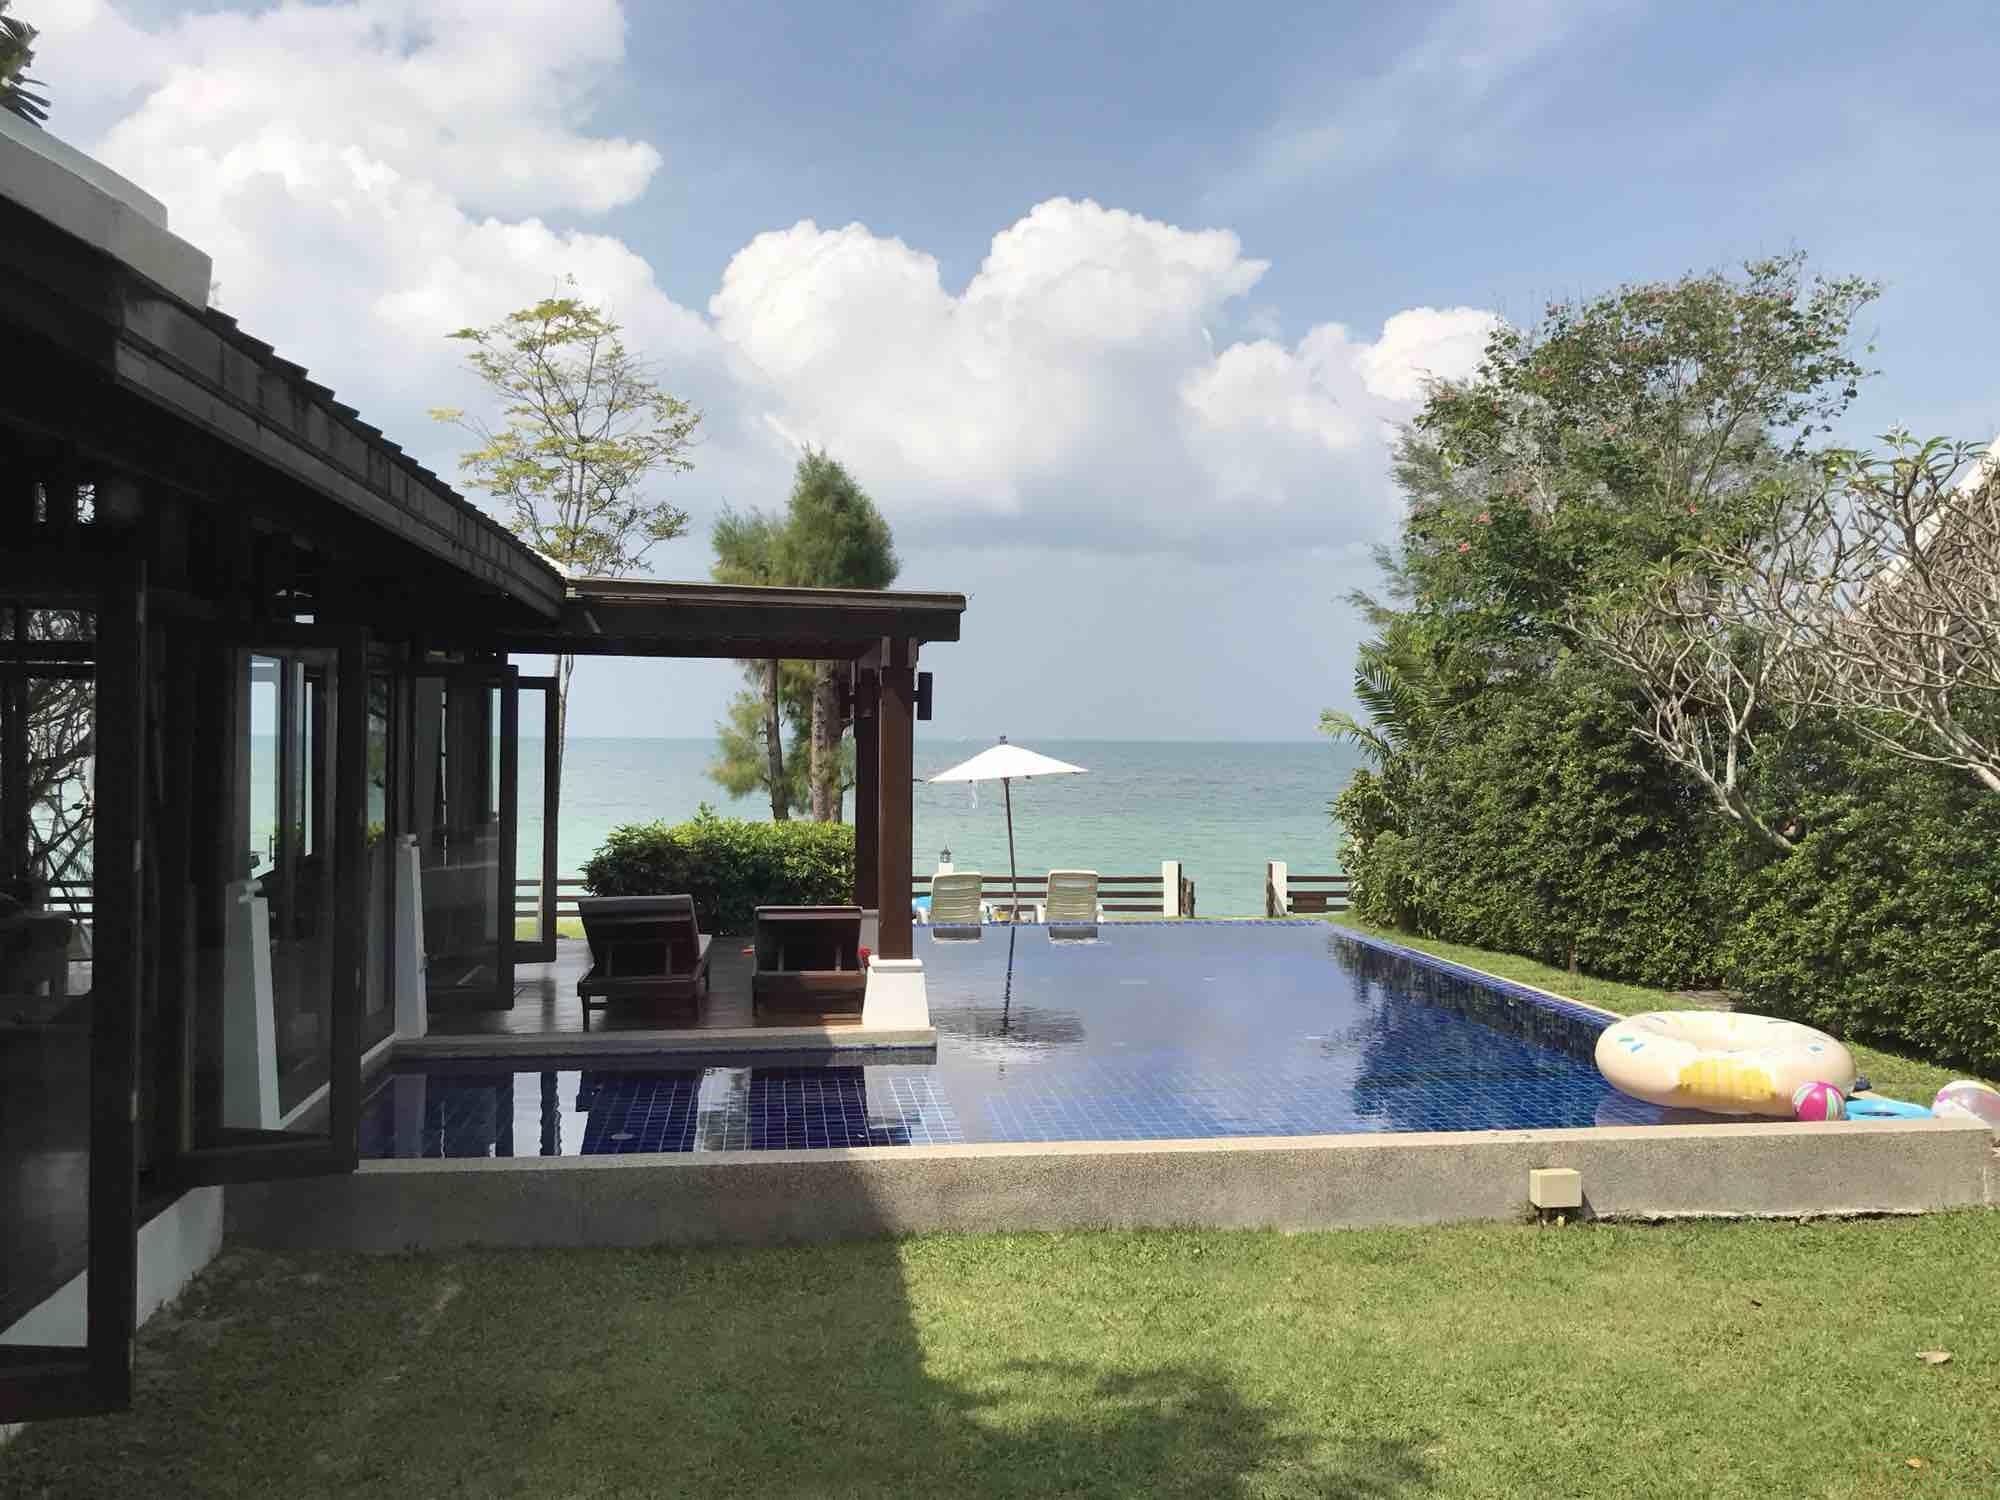 绿宝石4号海滩别墅预订,苏梅岛邦坡别墅,公寓,酒店